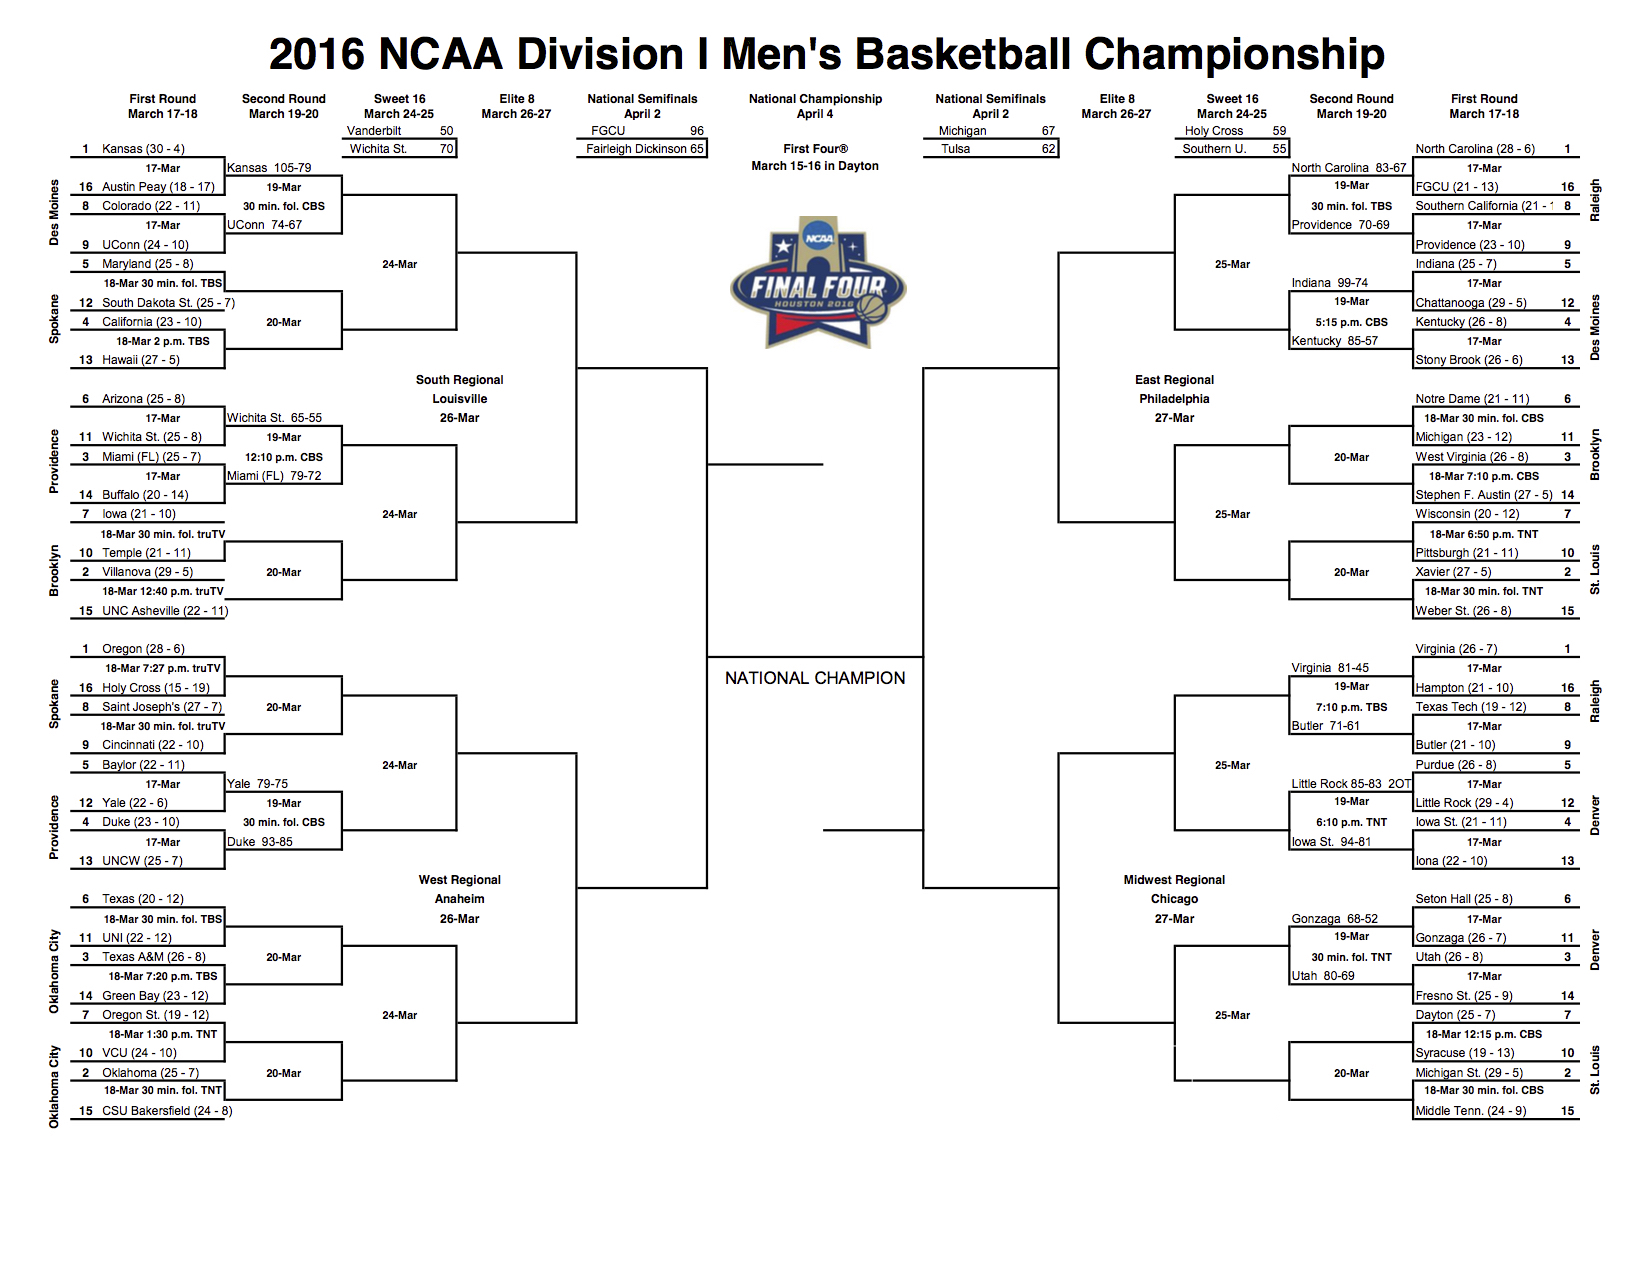 2016 NCAA Division I Men's Basketball Bracket - 3.17.16